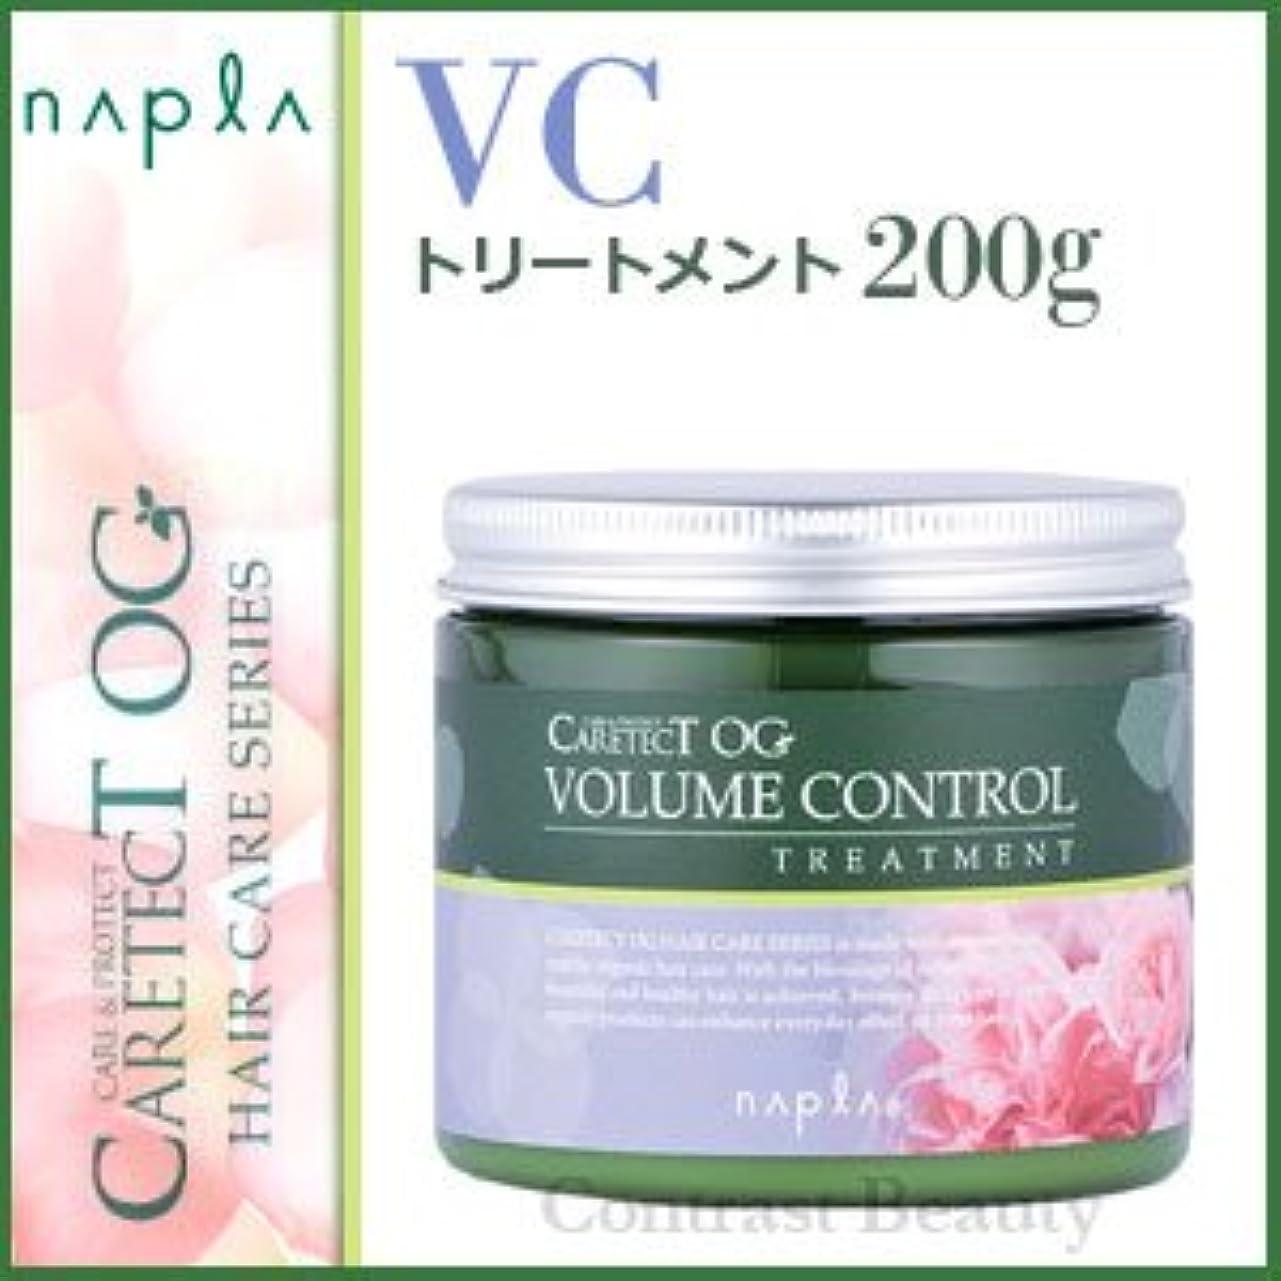 ワイド狂うレインコート【X3個セット】 ナプラ ケアテクトOG トリートメントVC 200g